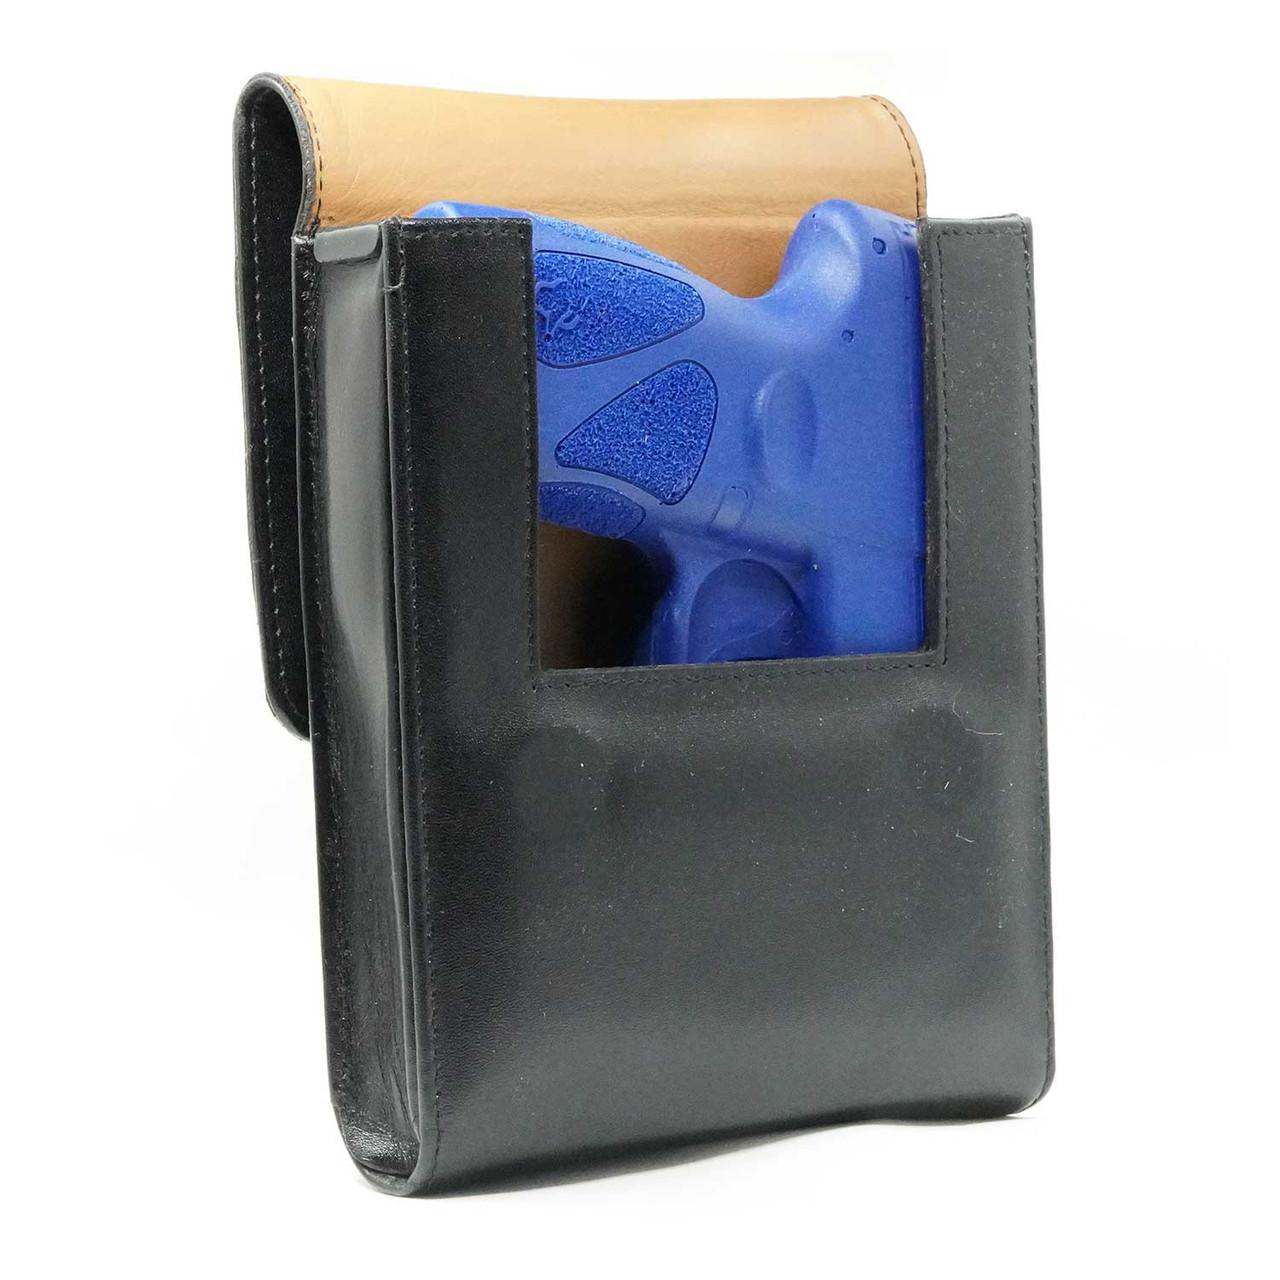 Taurus G2C Concealed Carry Holster (Belt Loop)